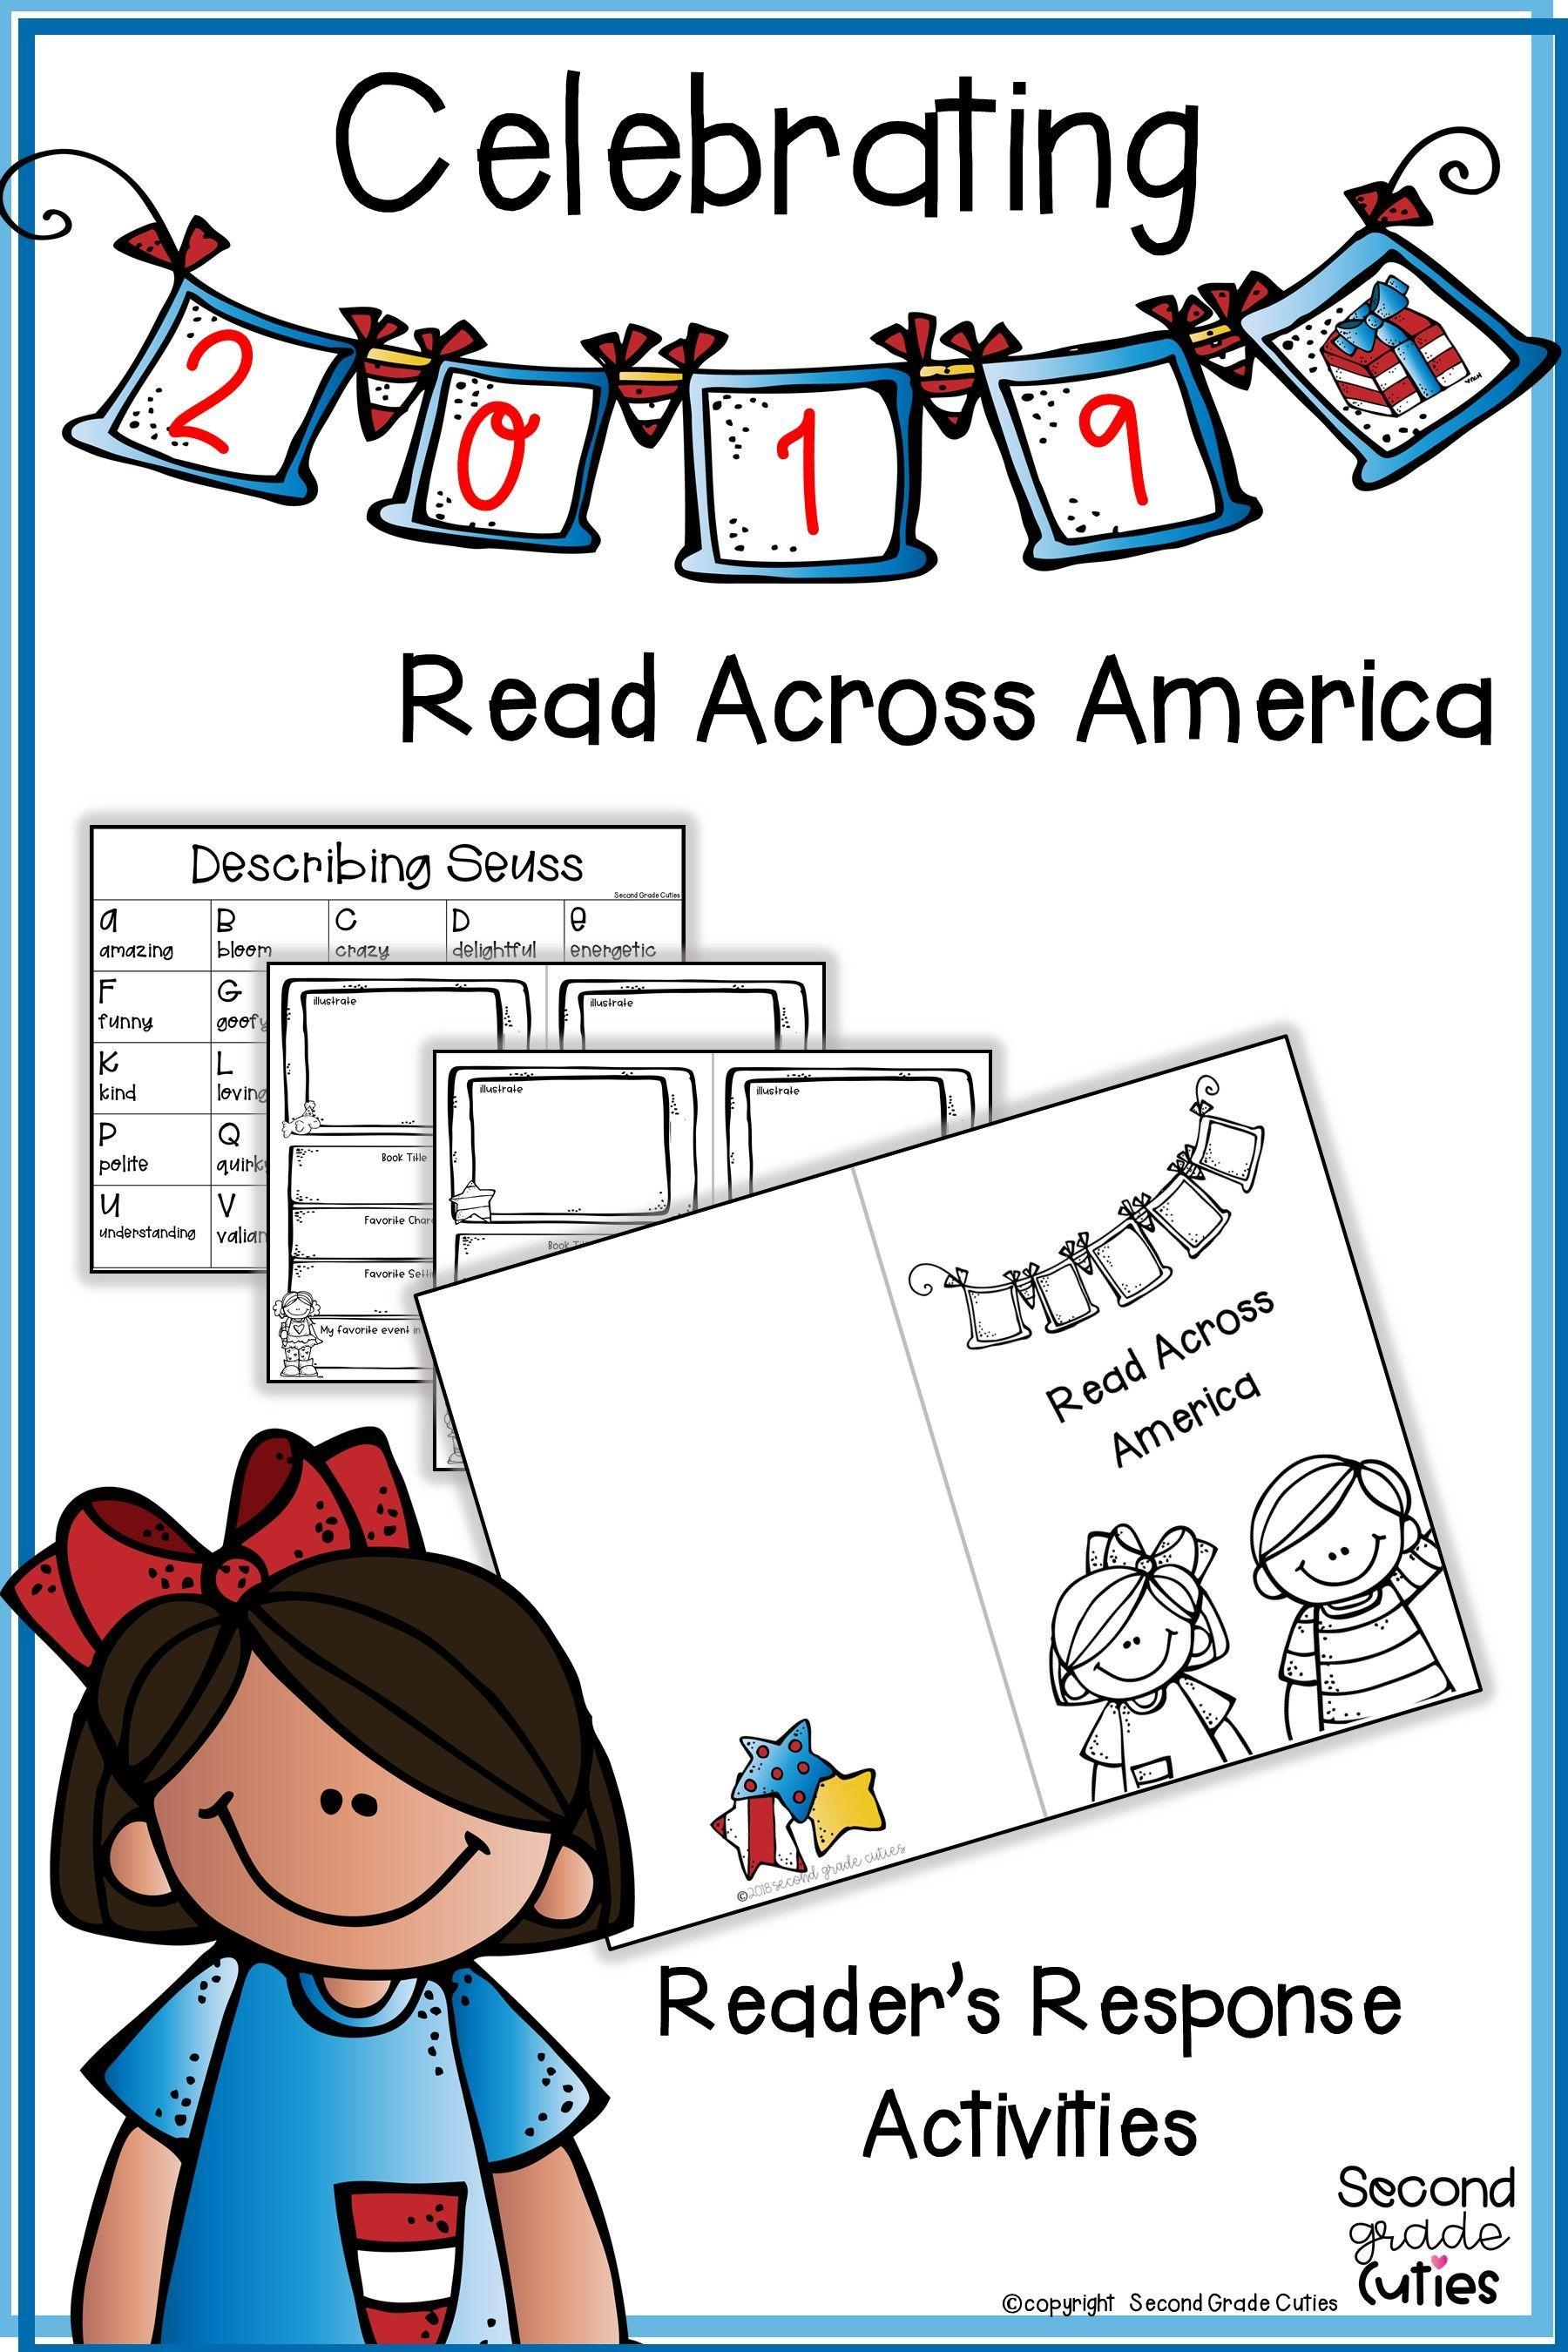 Read Across America Seuss Celebration In